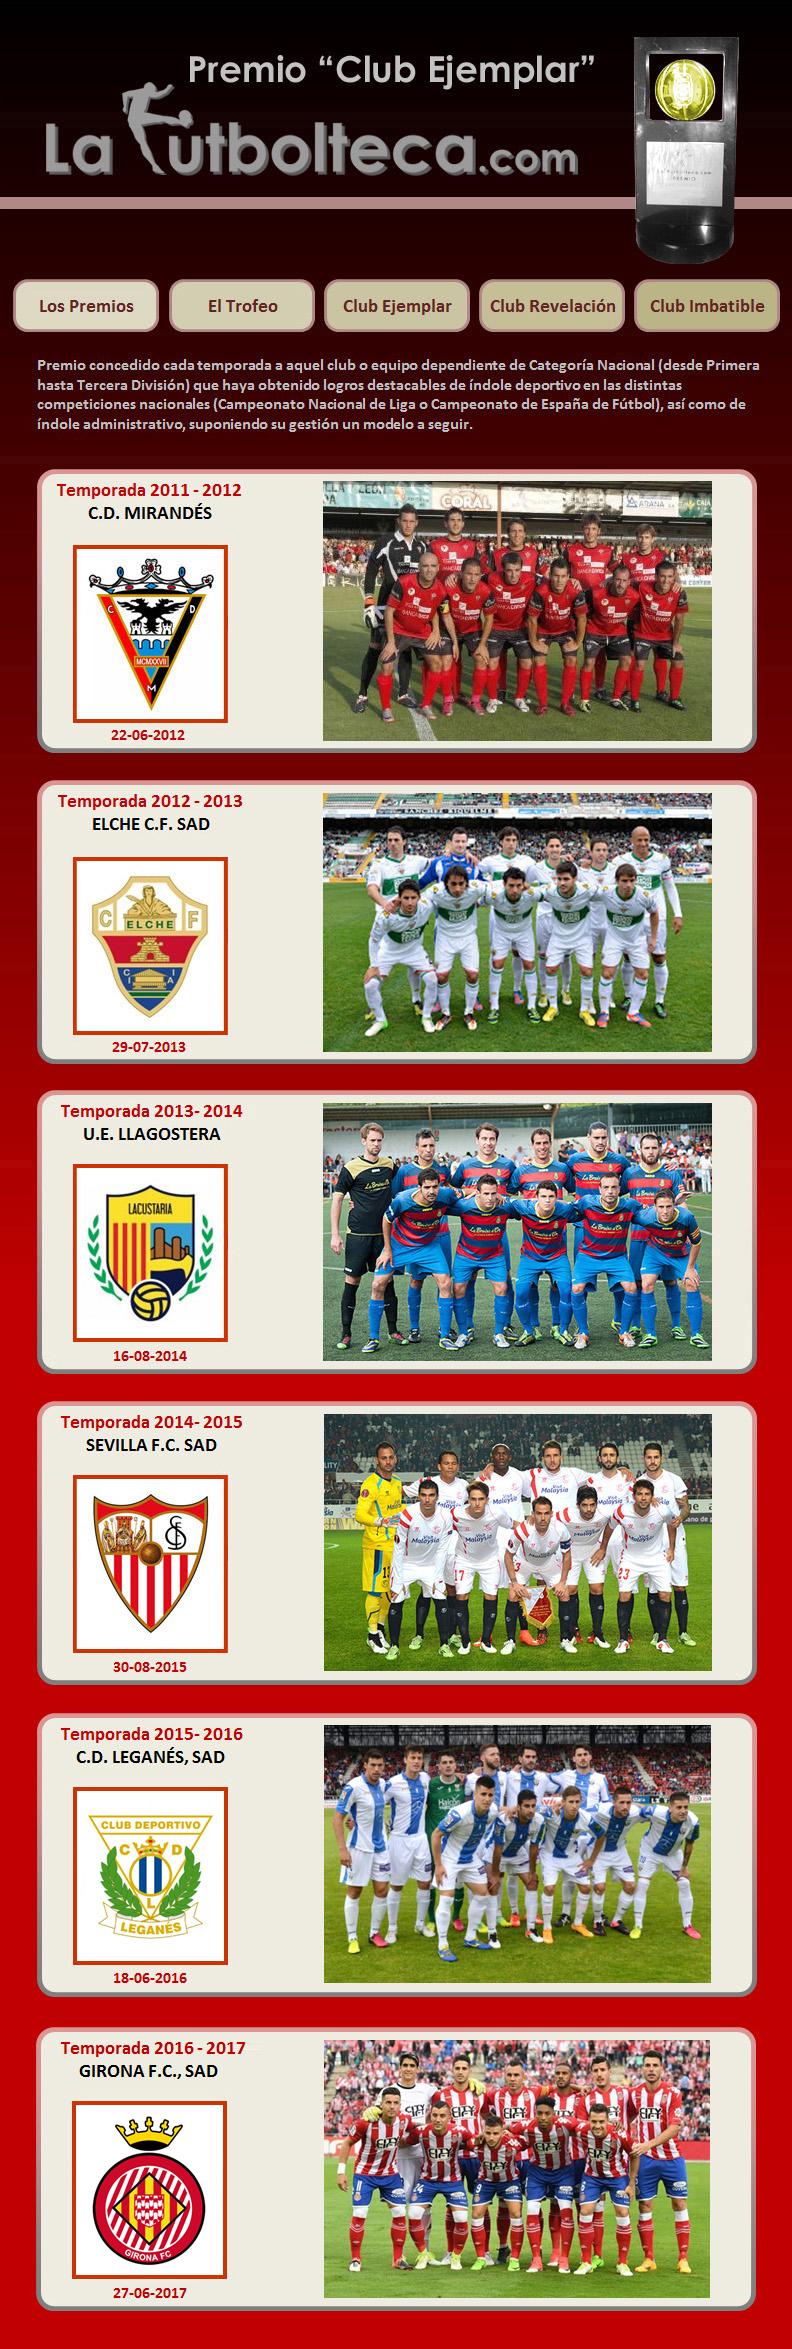 Premios La Futbolteca Club Ejemplar